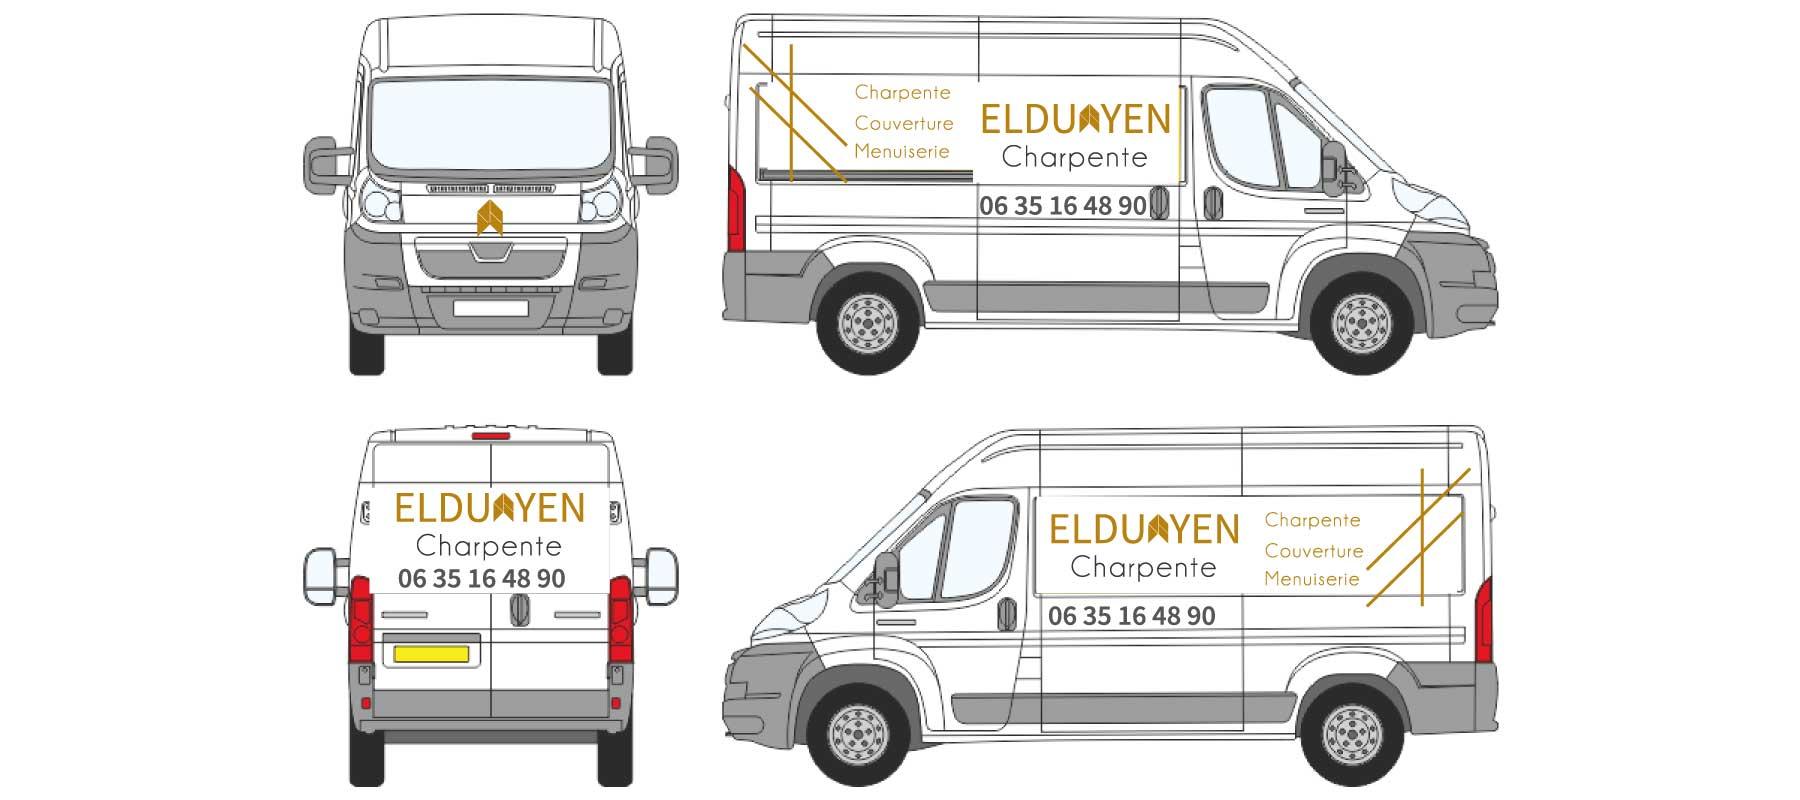 STICKER-ELDUAYEN-vehicule